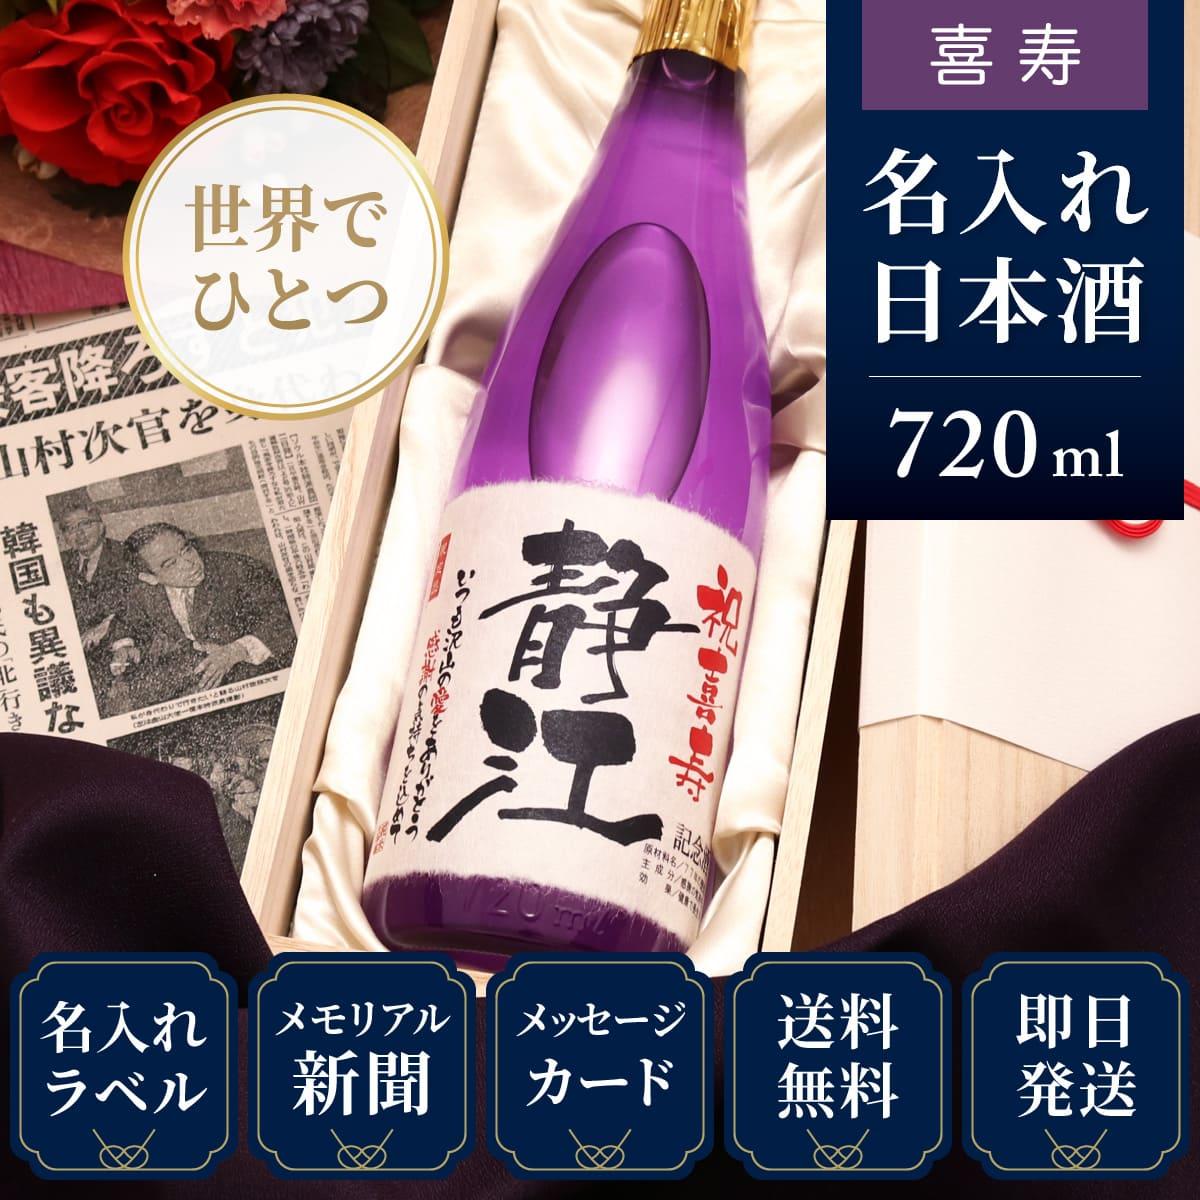 喜寿祝いプレゼント|誕生日の新聞付き名入れ「紫式部」720ml(日本酒)